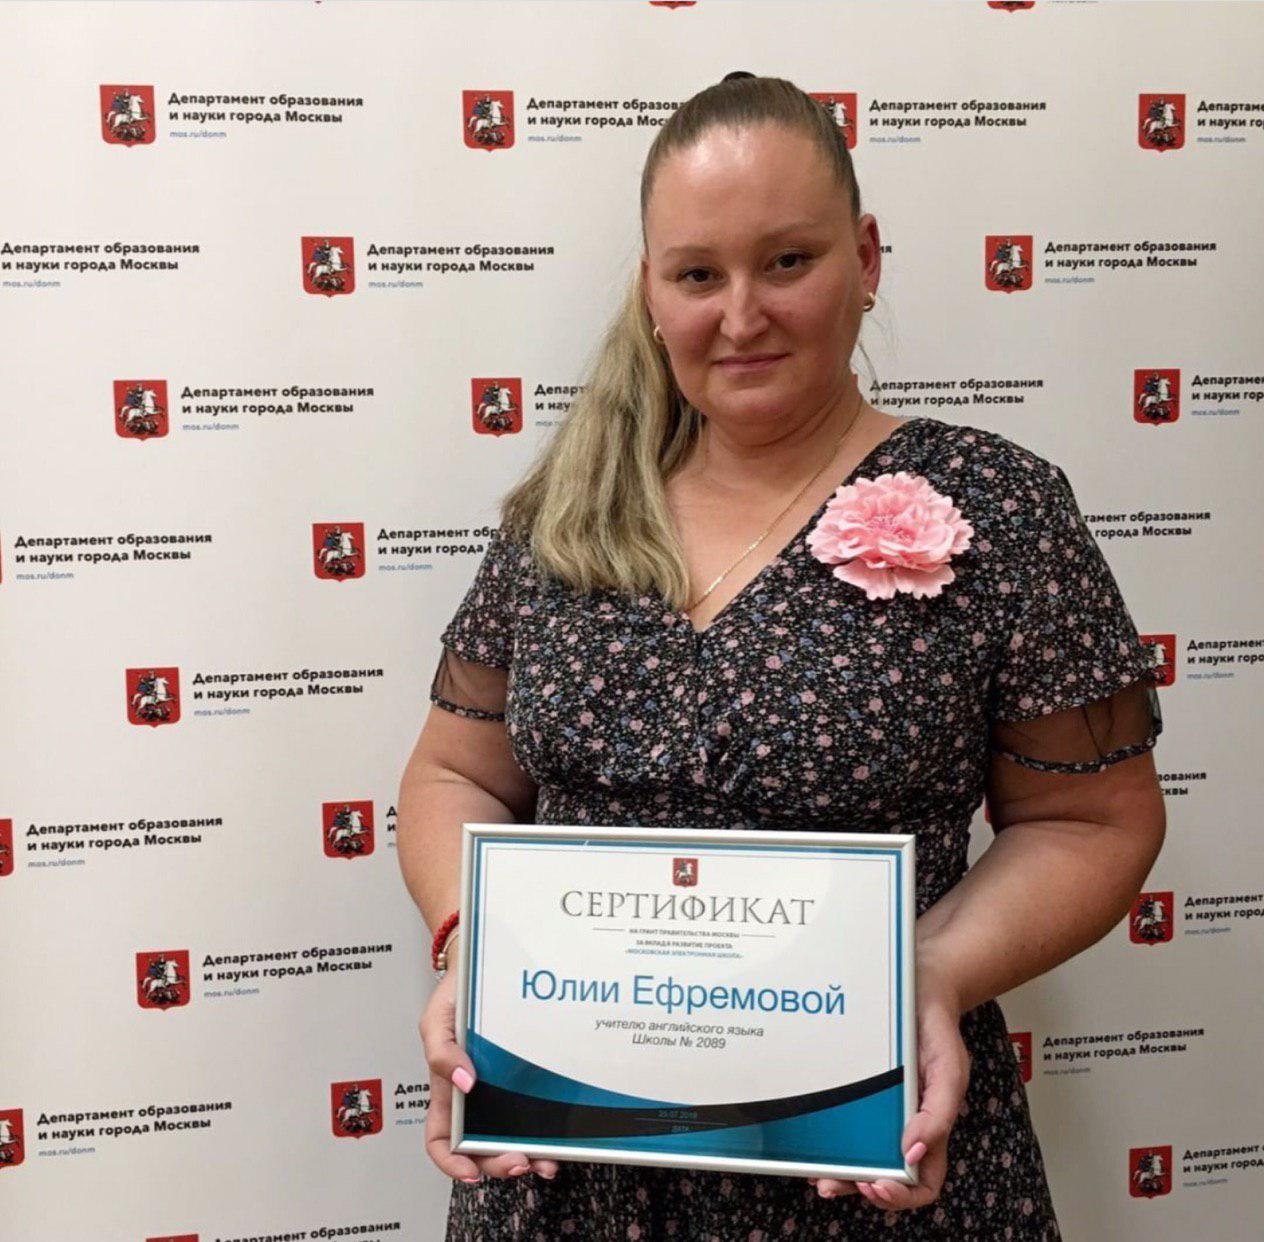 Педагог школы № 2089 удостоена гранта Правительства Москвы